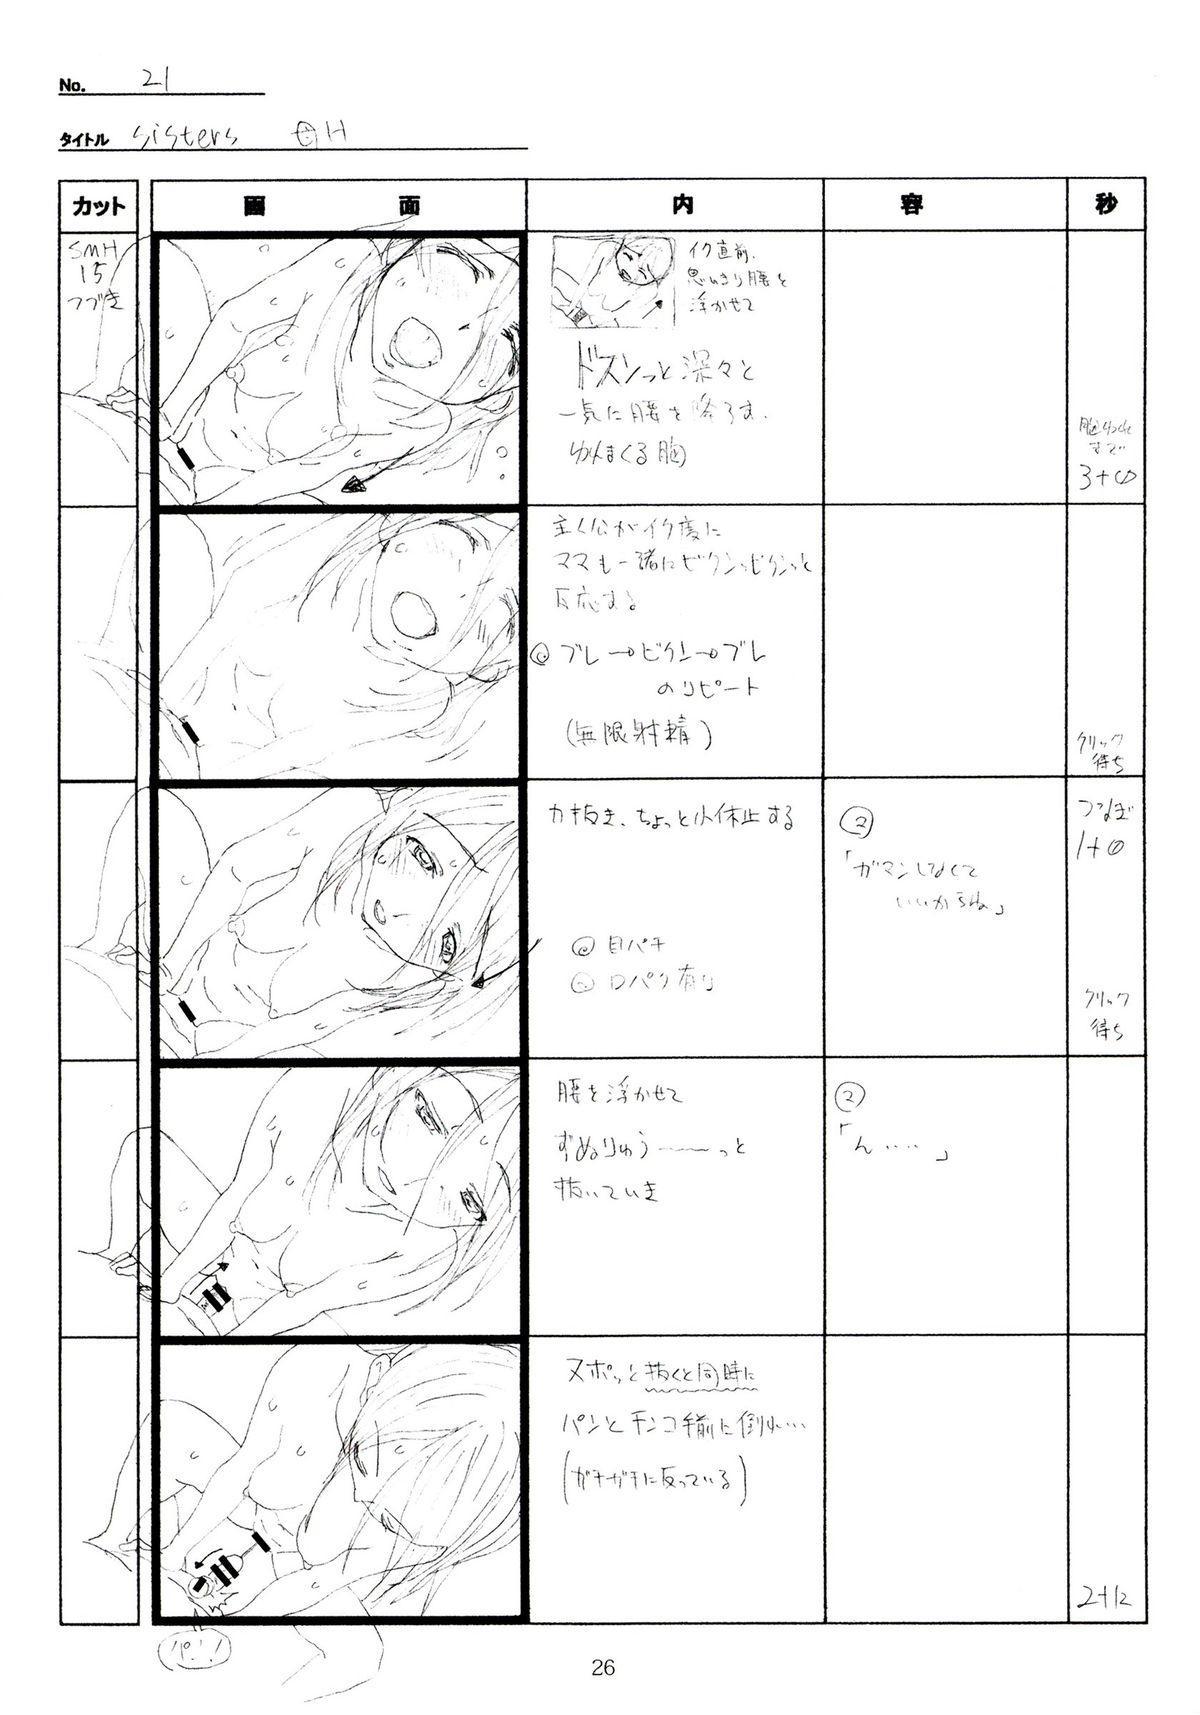 (C89) [Makino Jimusho (Taki Minashika)] SISTERS -Natsu no Saigo no Hi- H Scene All Part Storyboard (SISTERS -Natsu no Saigo no Hi-) 25